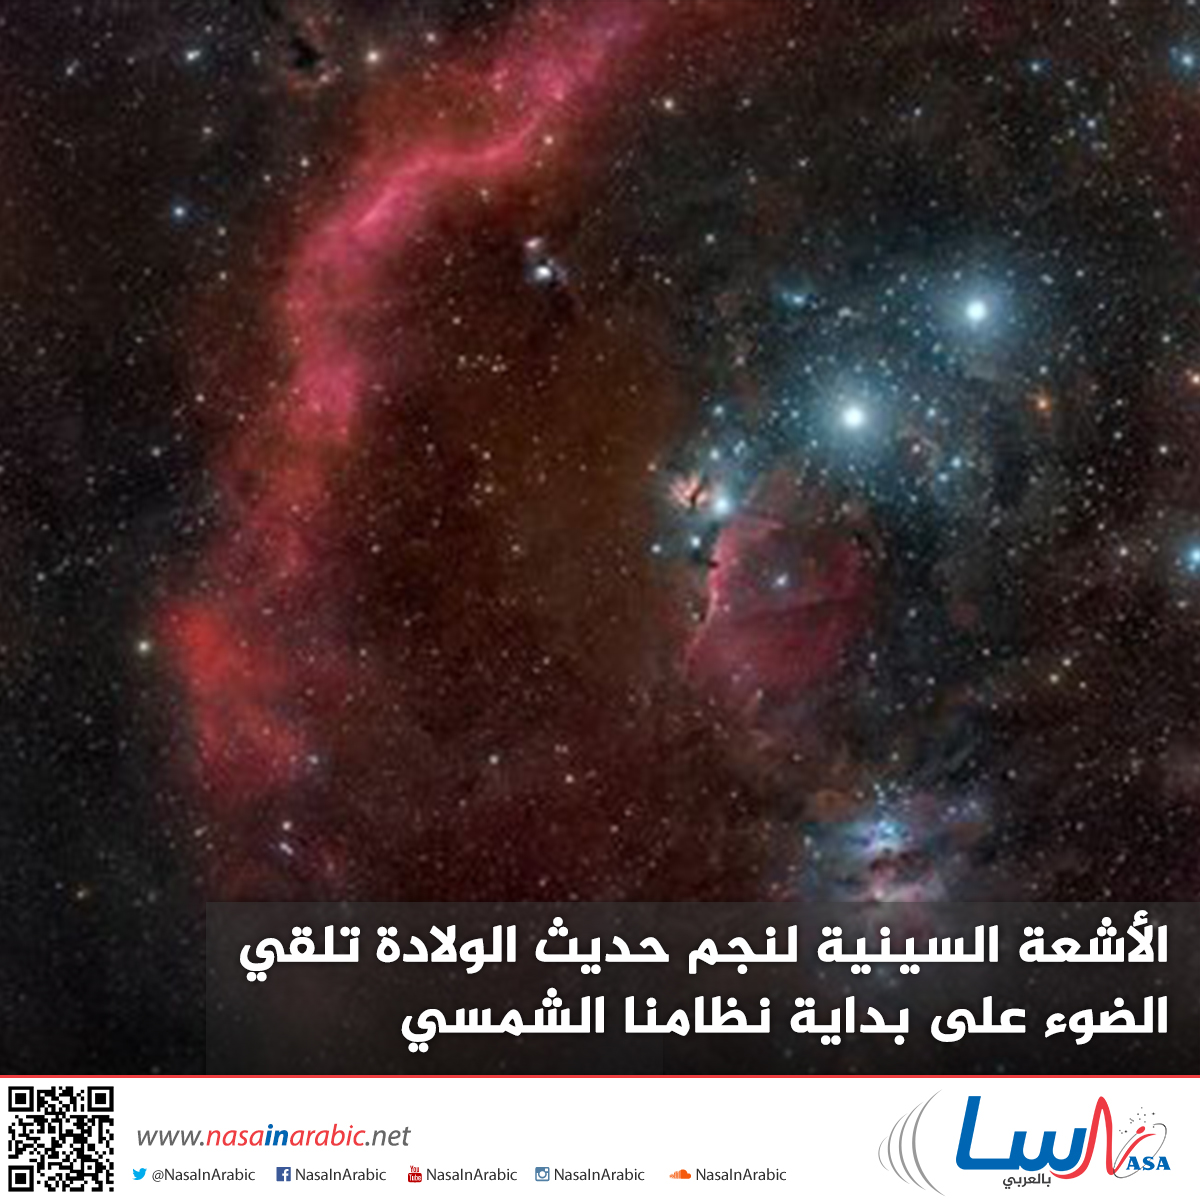 الأشعة السينية لنجم حديث الولادة تلقي الضوء على بداية نظامنا الشمسي